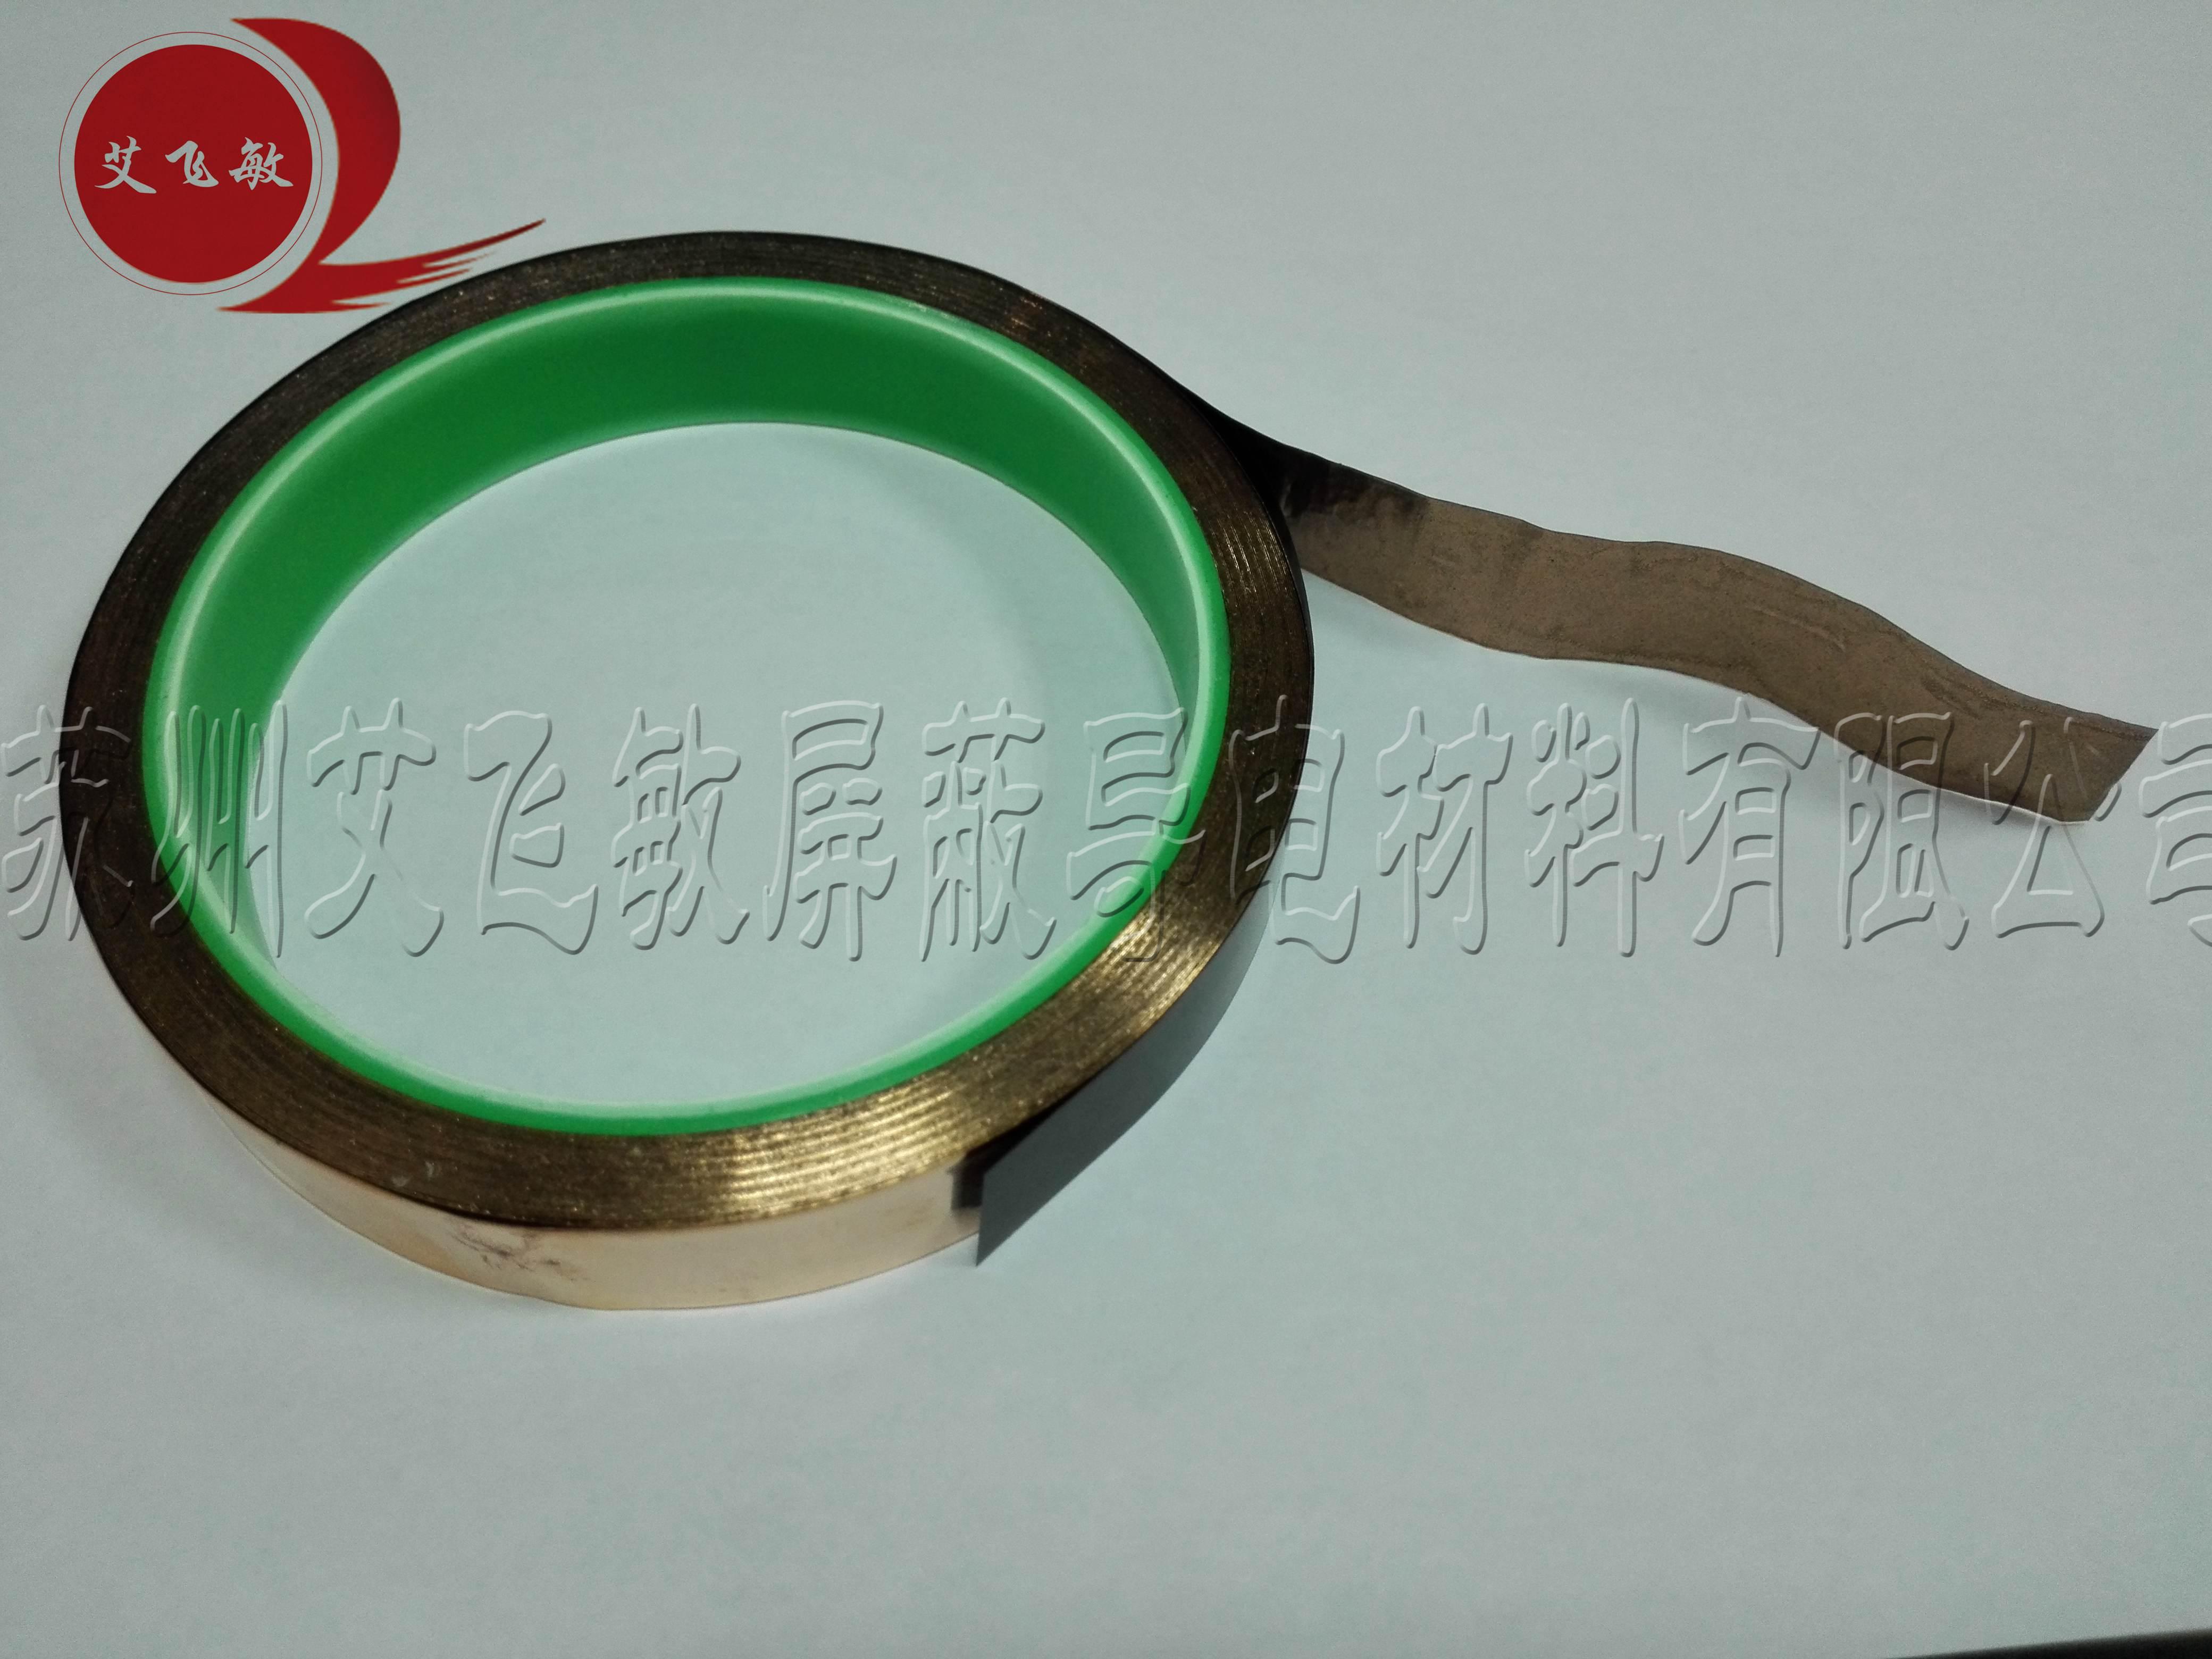 【浙江老客户】采购艾飞敏导电铜箔胶带-AVM-0013GS